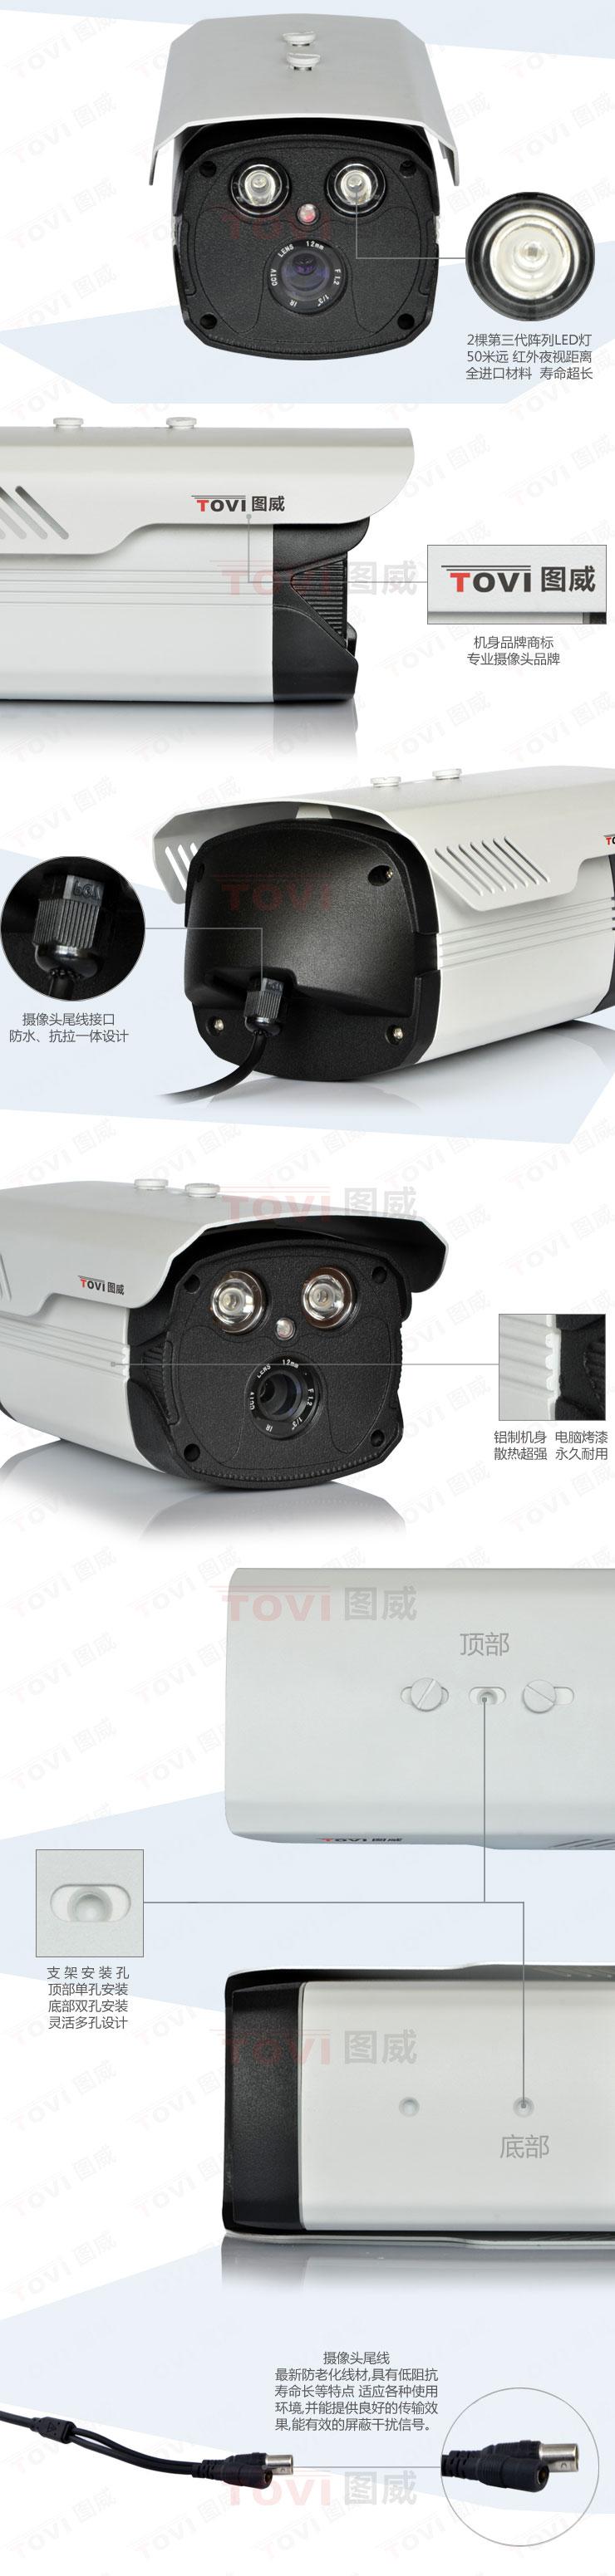 图威TV-CC2C15-IT5摄像机展示